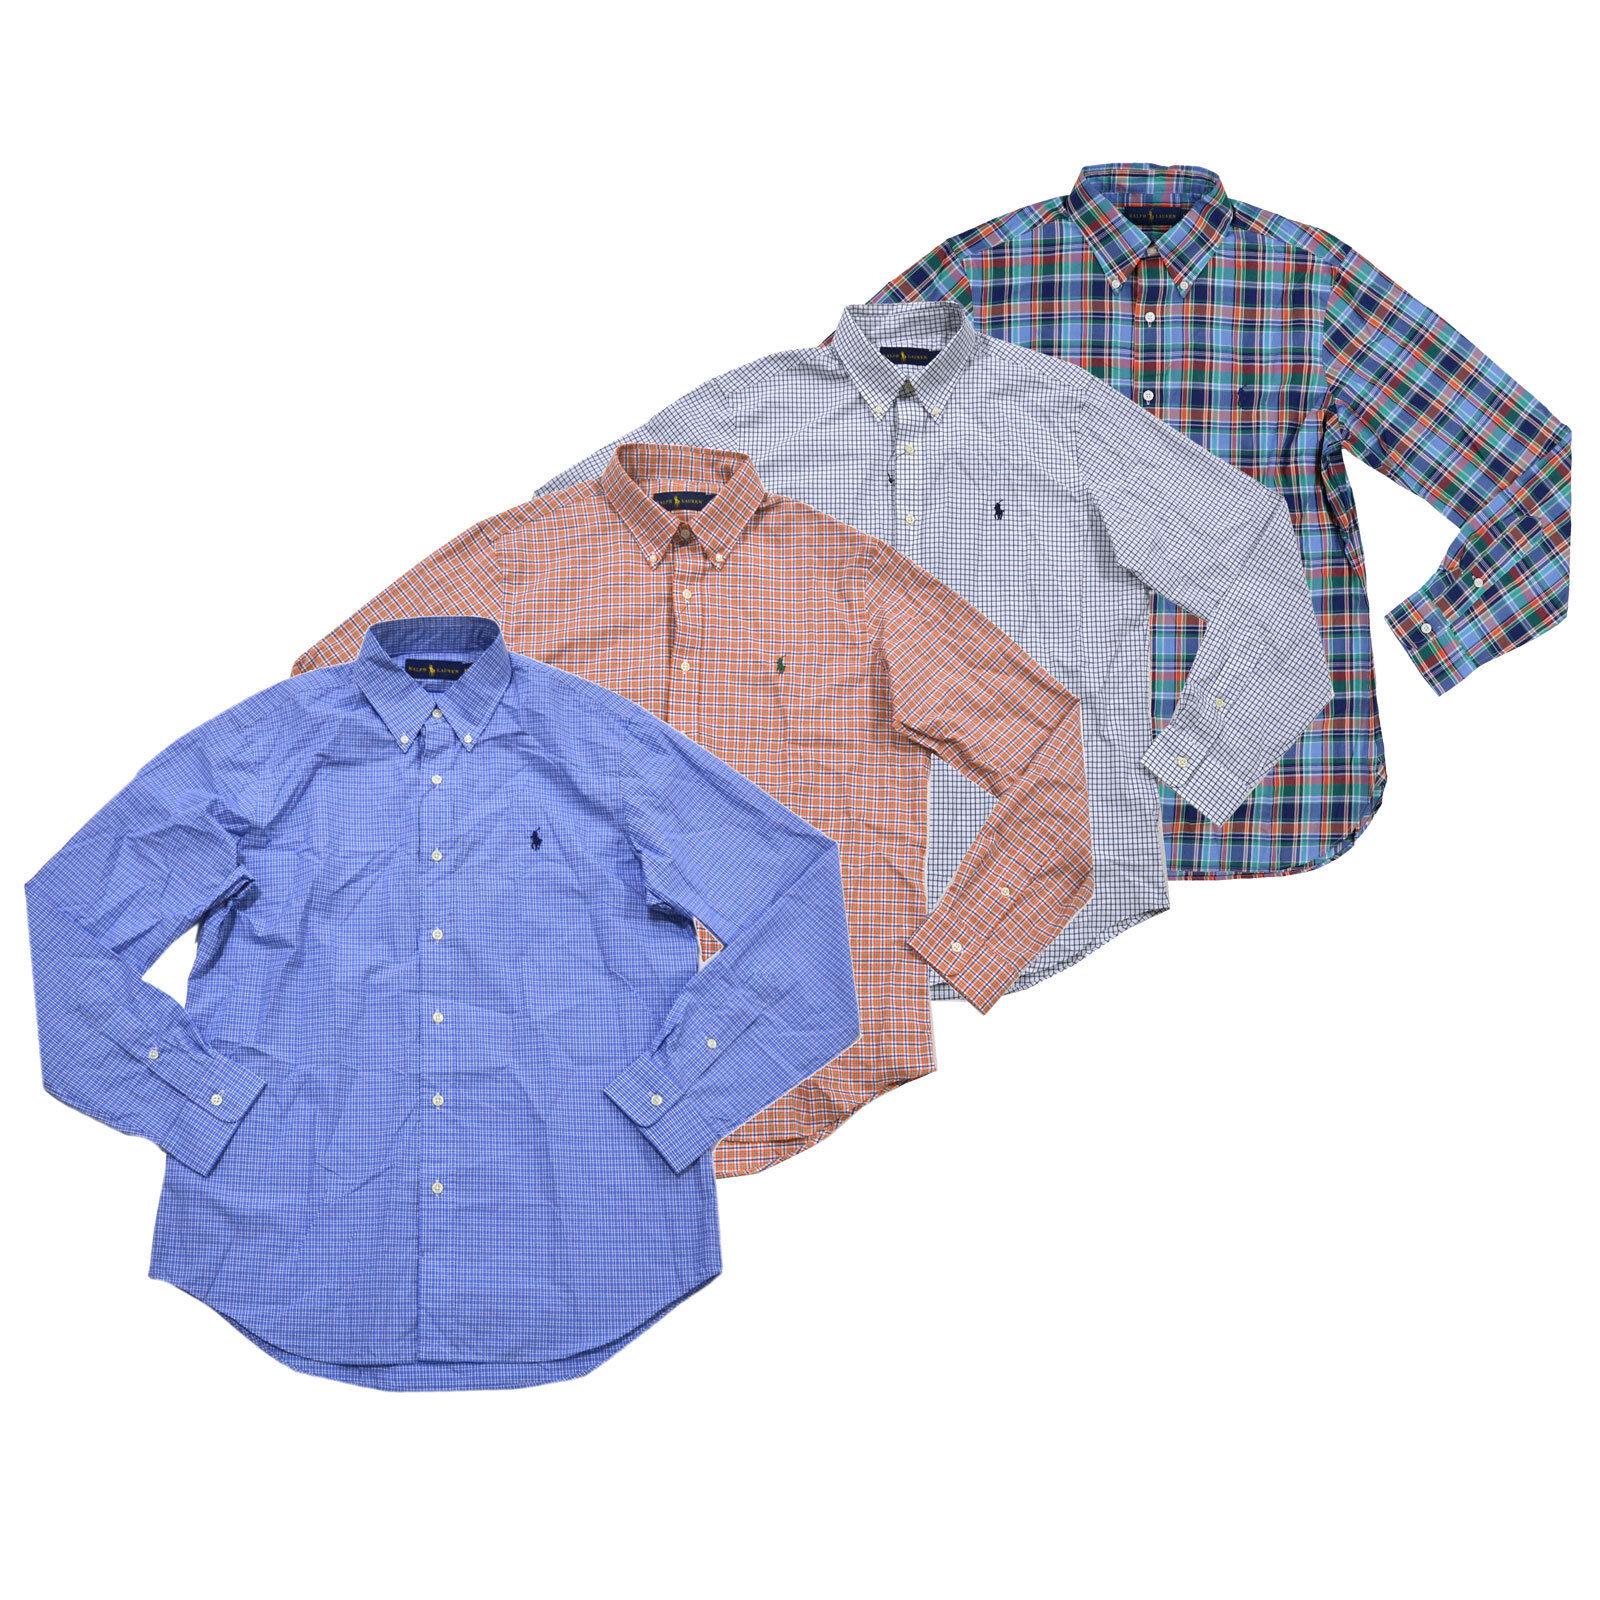 Ralph Lauren Mens Buttondown Shirt Collared Lightweight Woven Pony Logo New Nwt